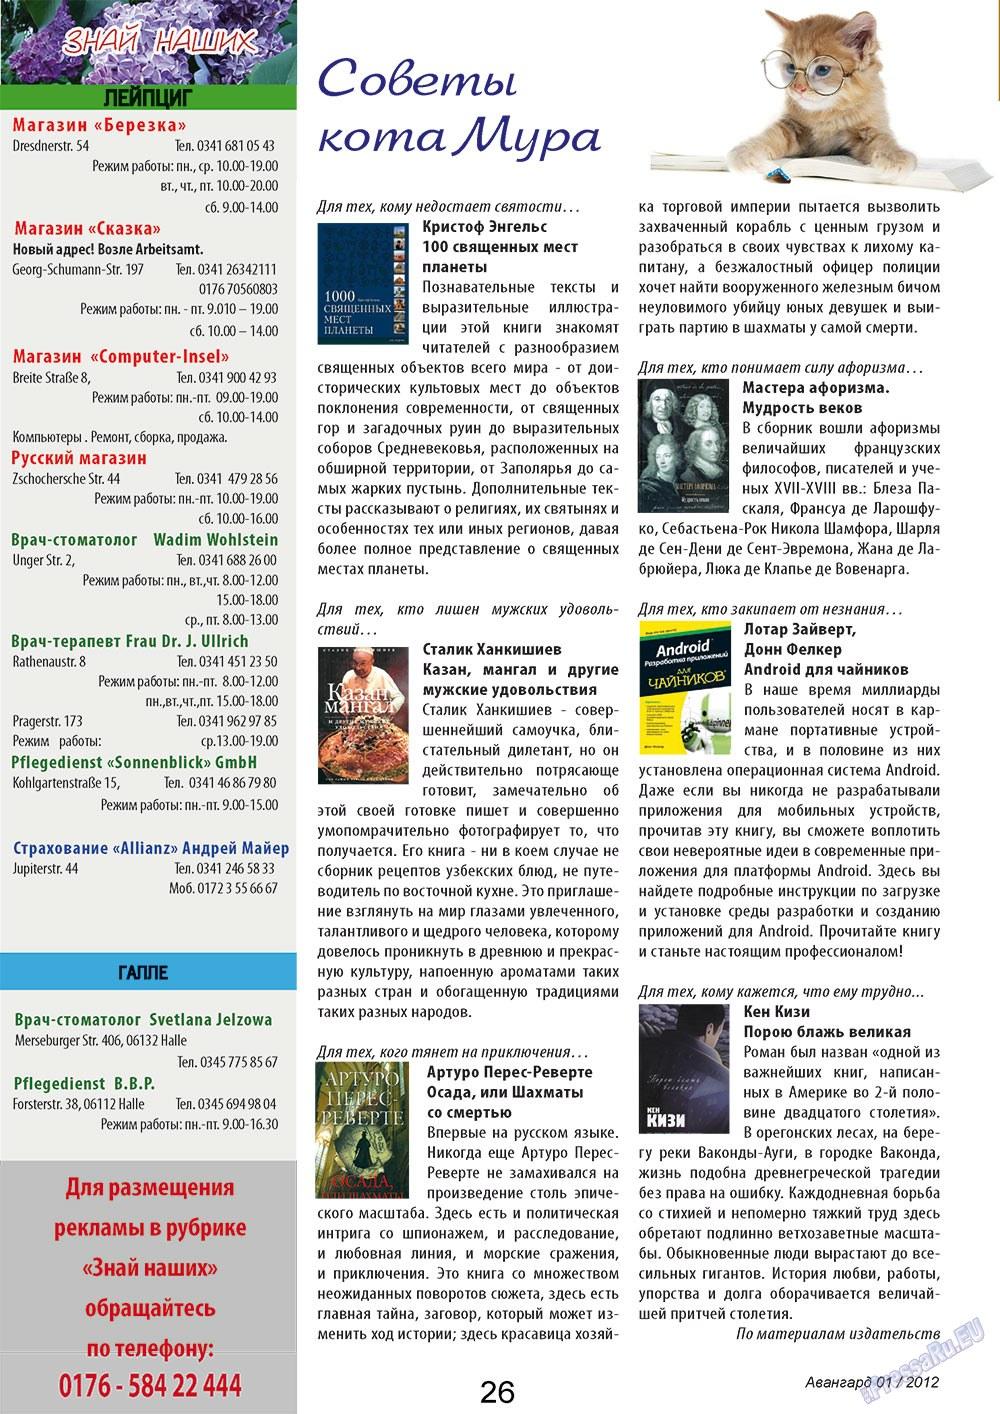 Авангард (журнал). 2012 год, номер 1, стр. 26